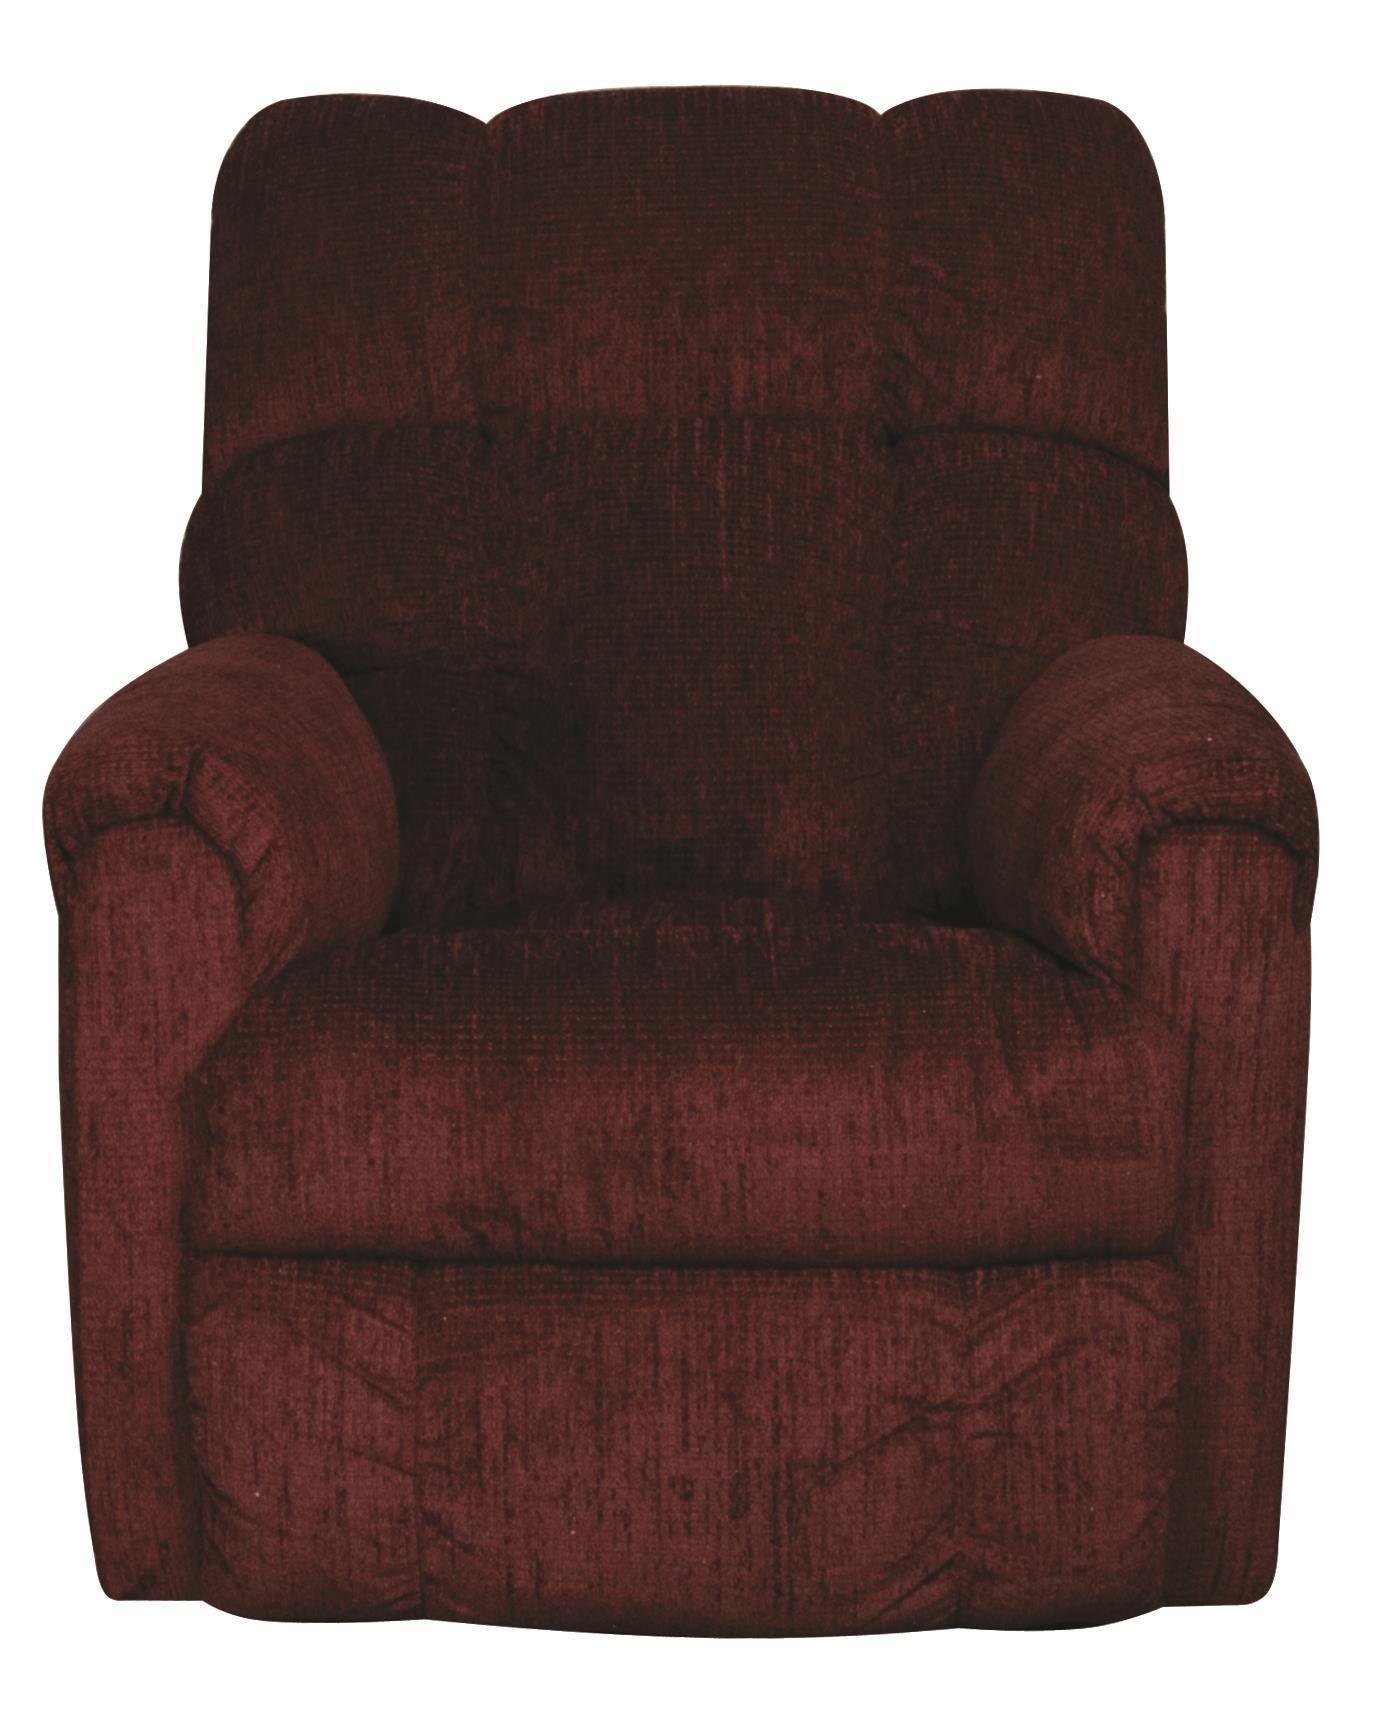 Morris Home Furnishings Rosa Rosa Rocker Recliner - Item Number: 853958516